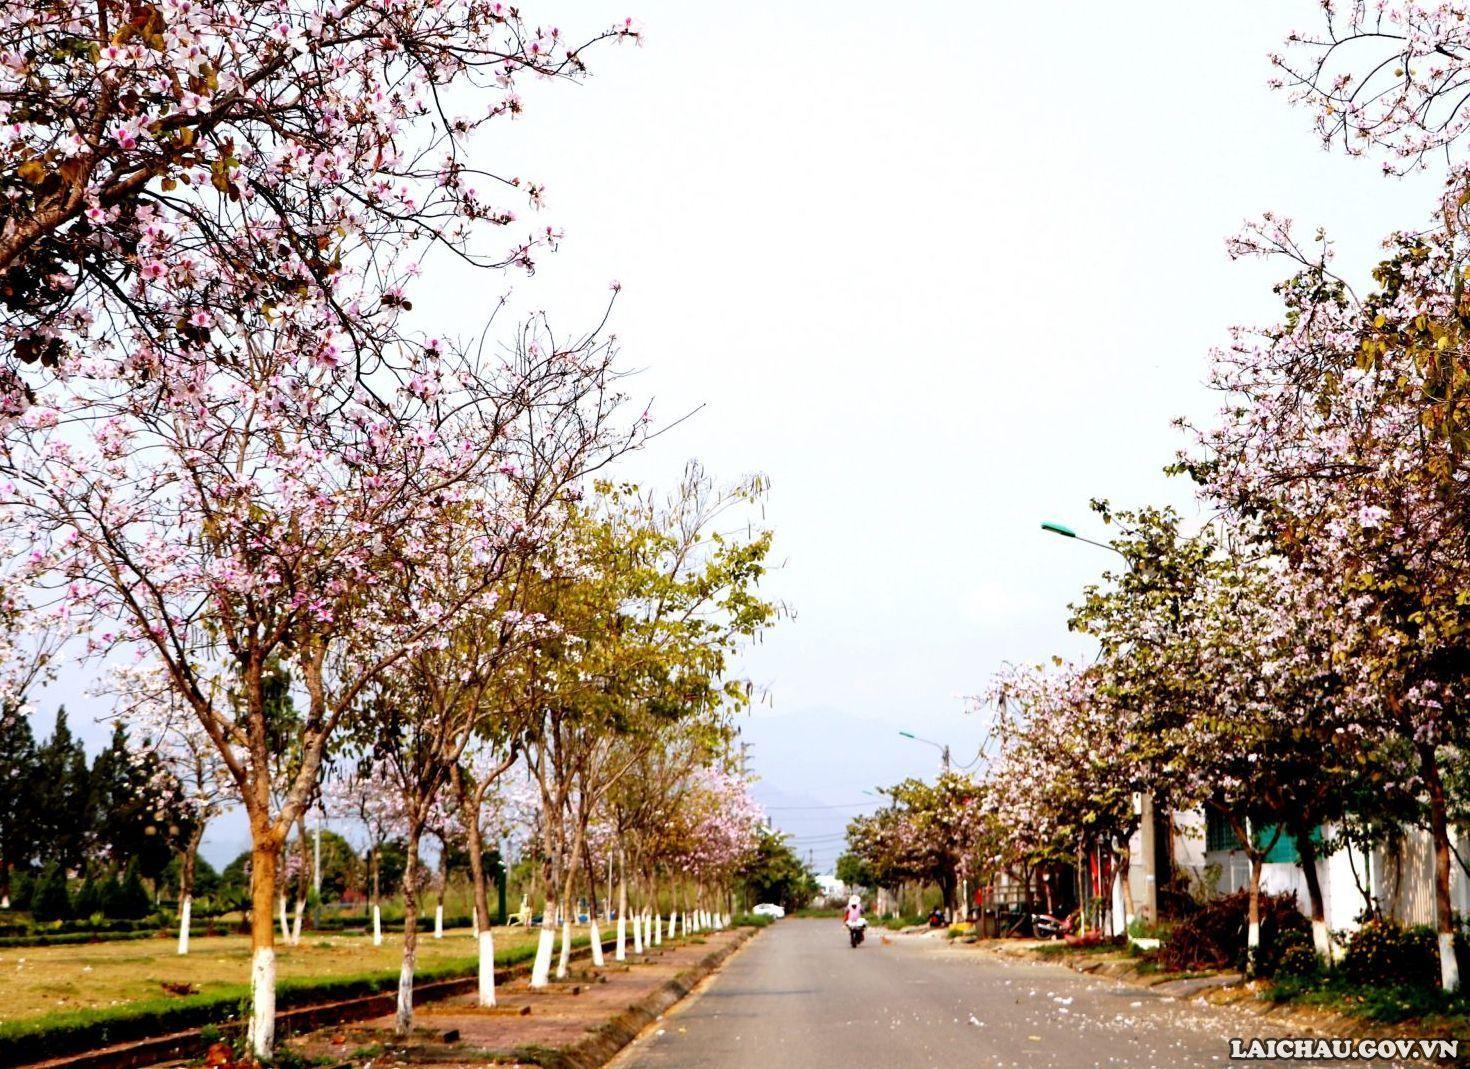 Con đường khu Trụ sở cơ quan thành phố Lai Châu tràn ngập sắc hoa ban